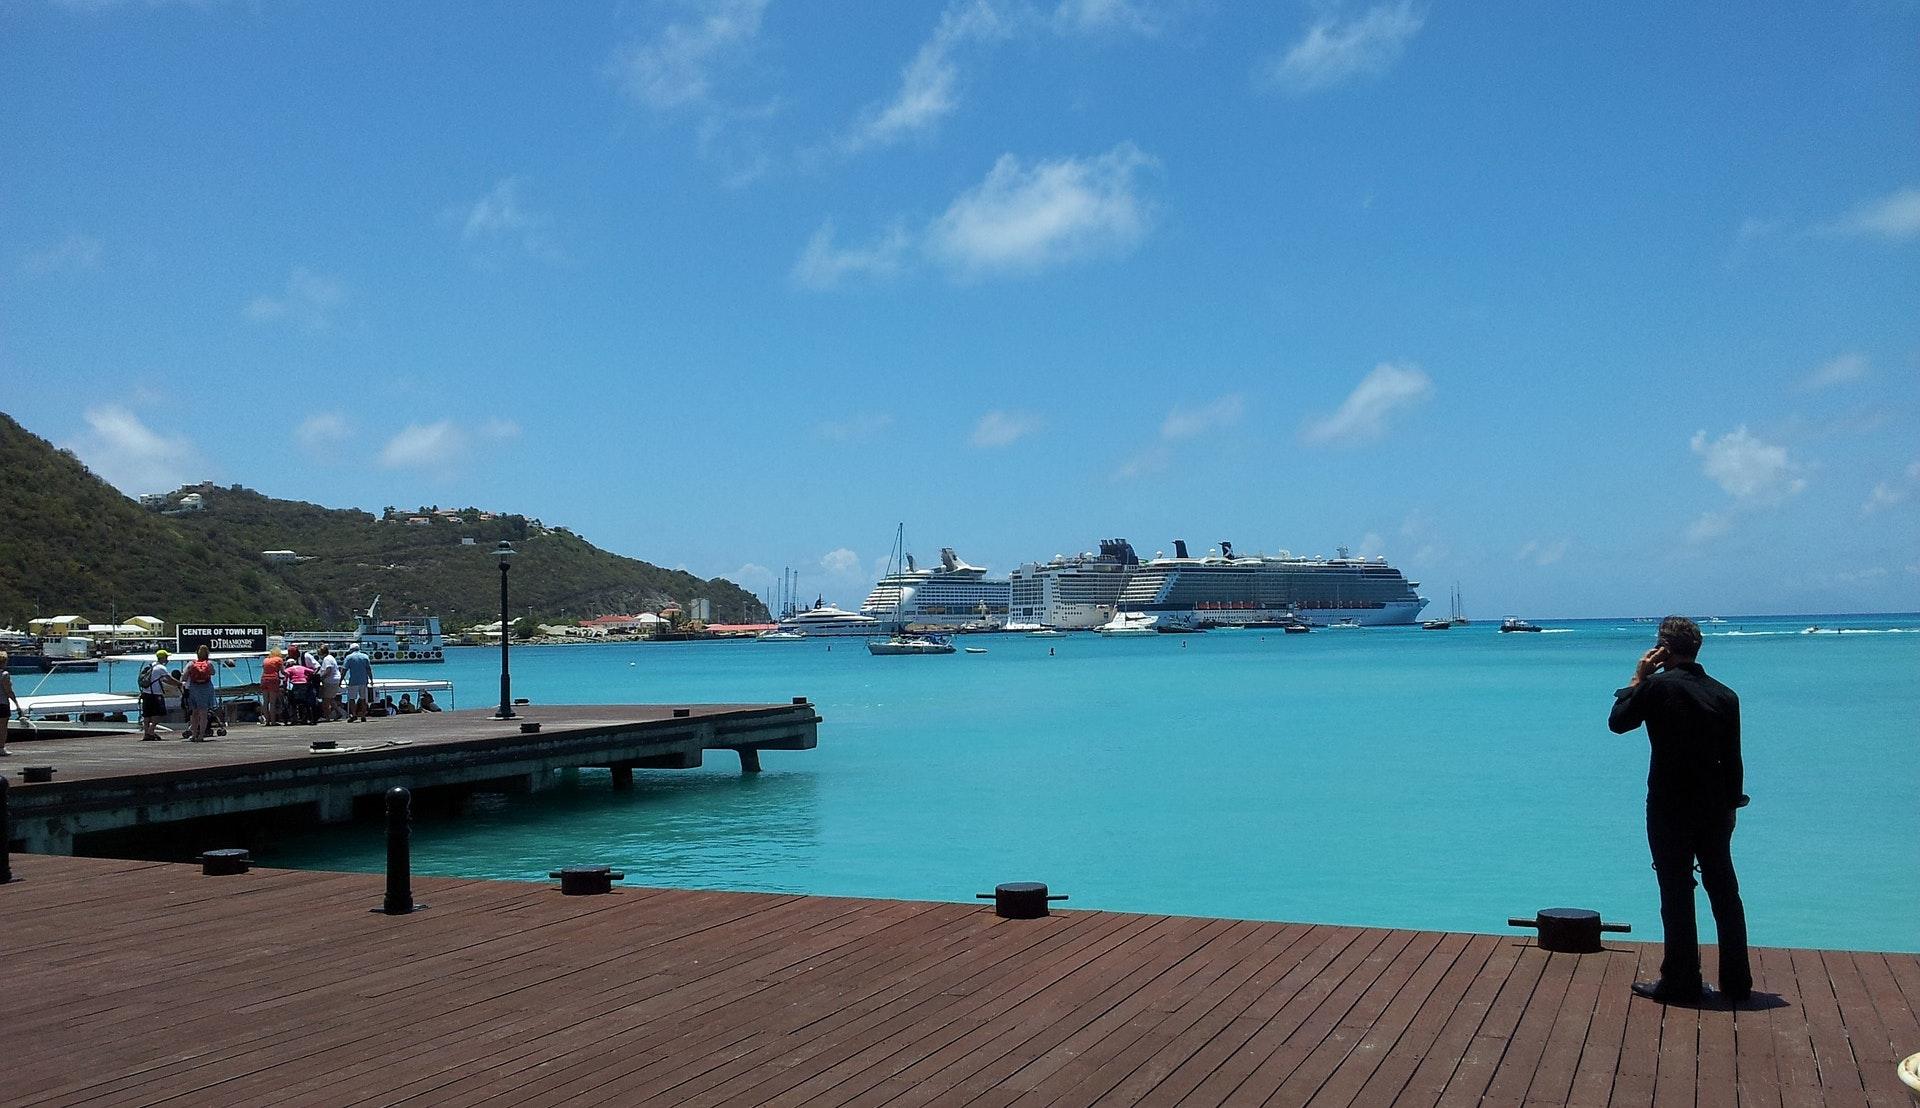 Havnen på St. Maarten © Anton Greulach, Pixabay